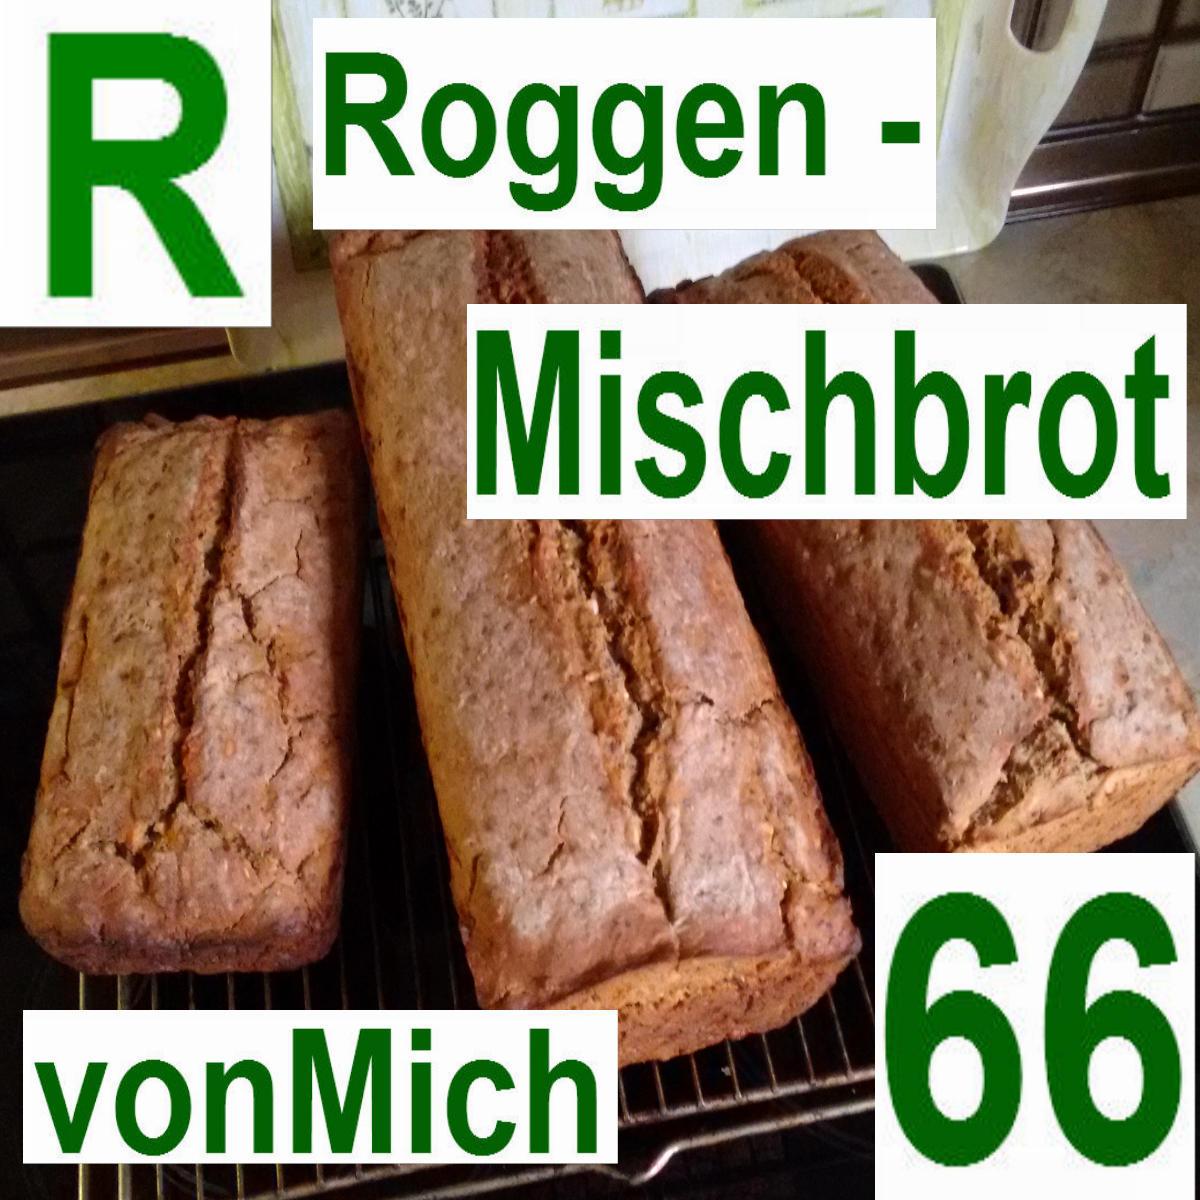 Roggenmischbrot | vonMich